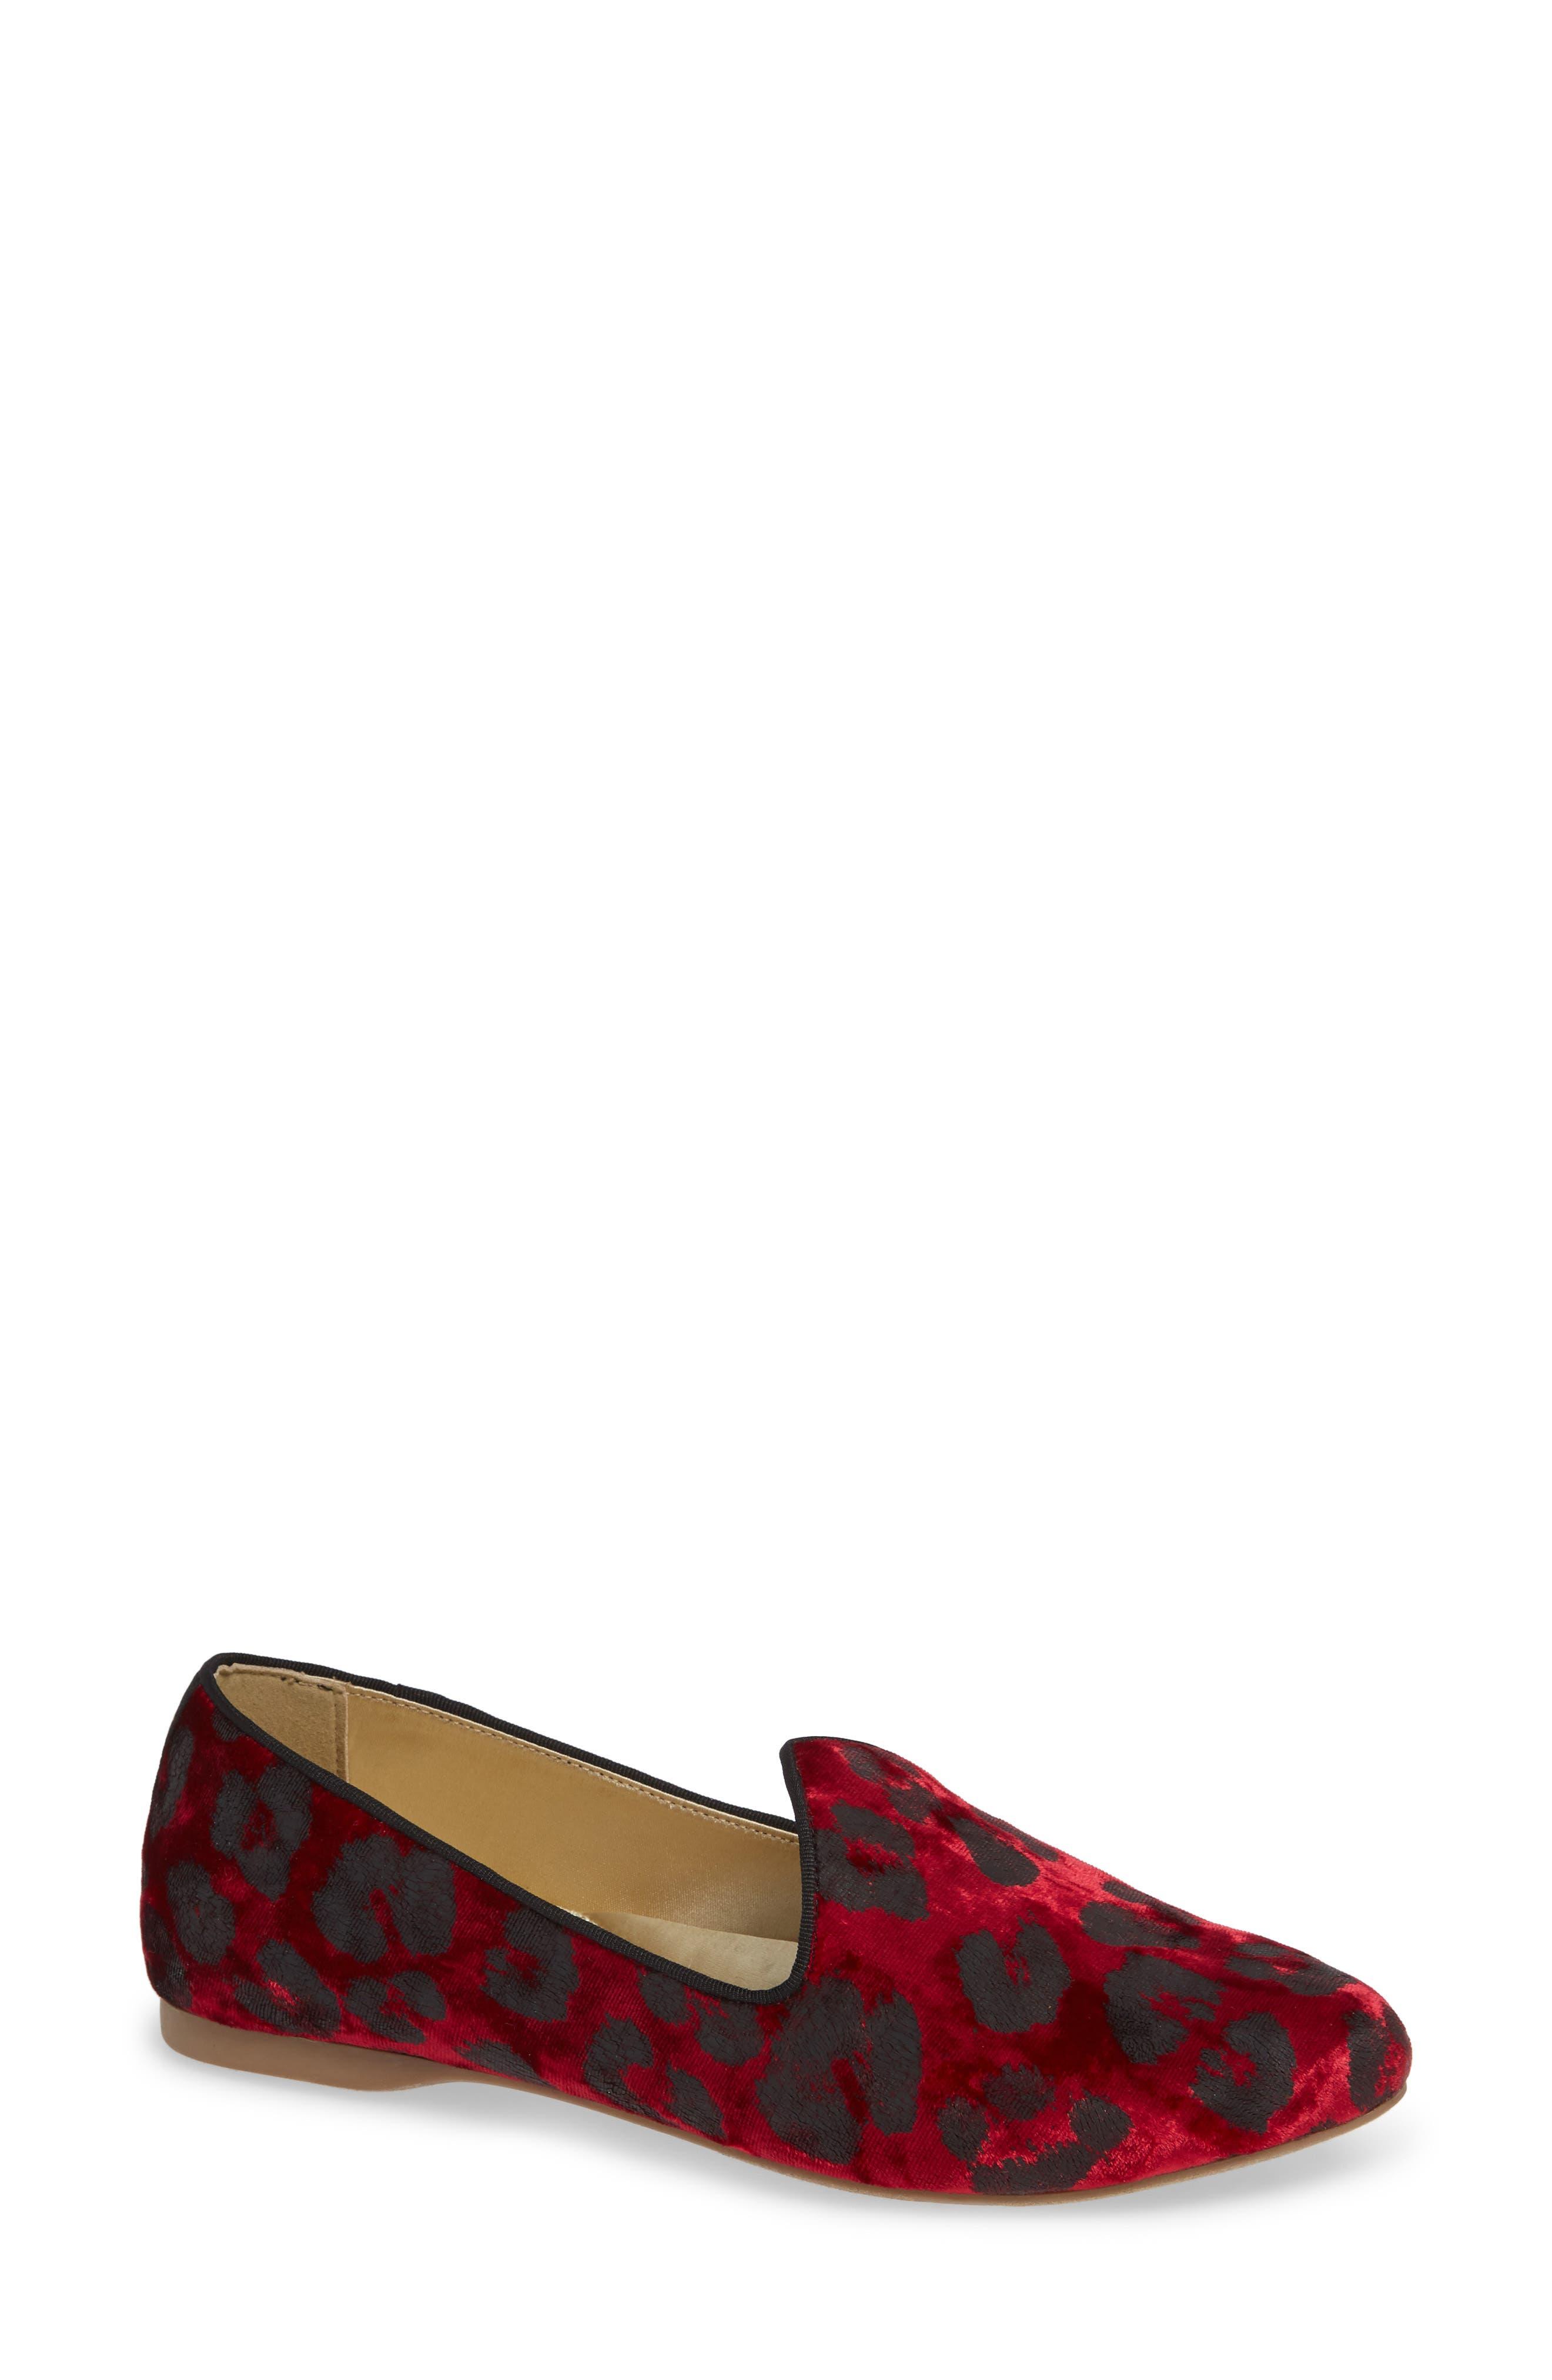 39ef26aa079f6a Women s Birdies Shoes